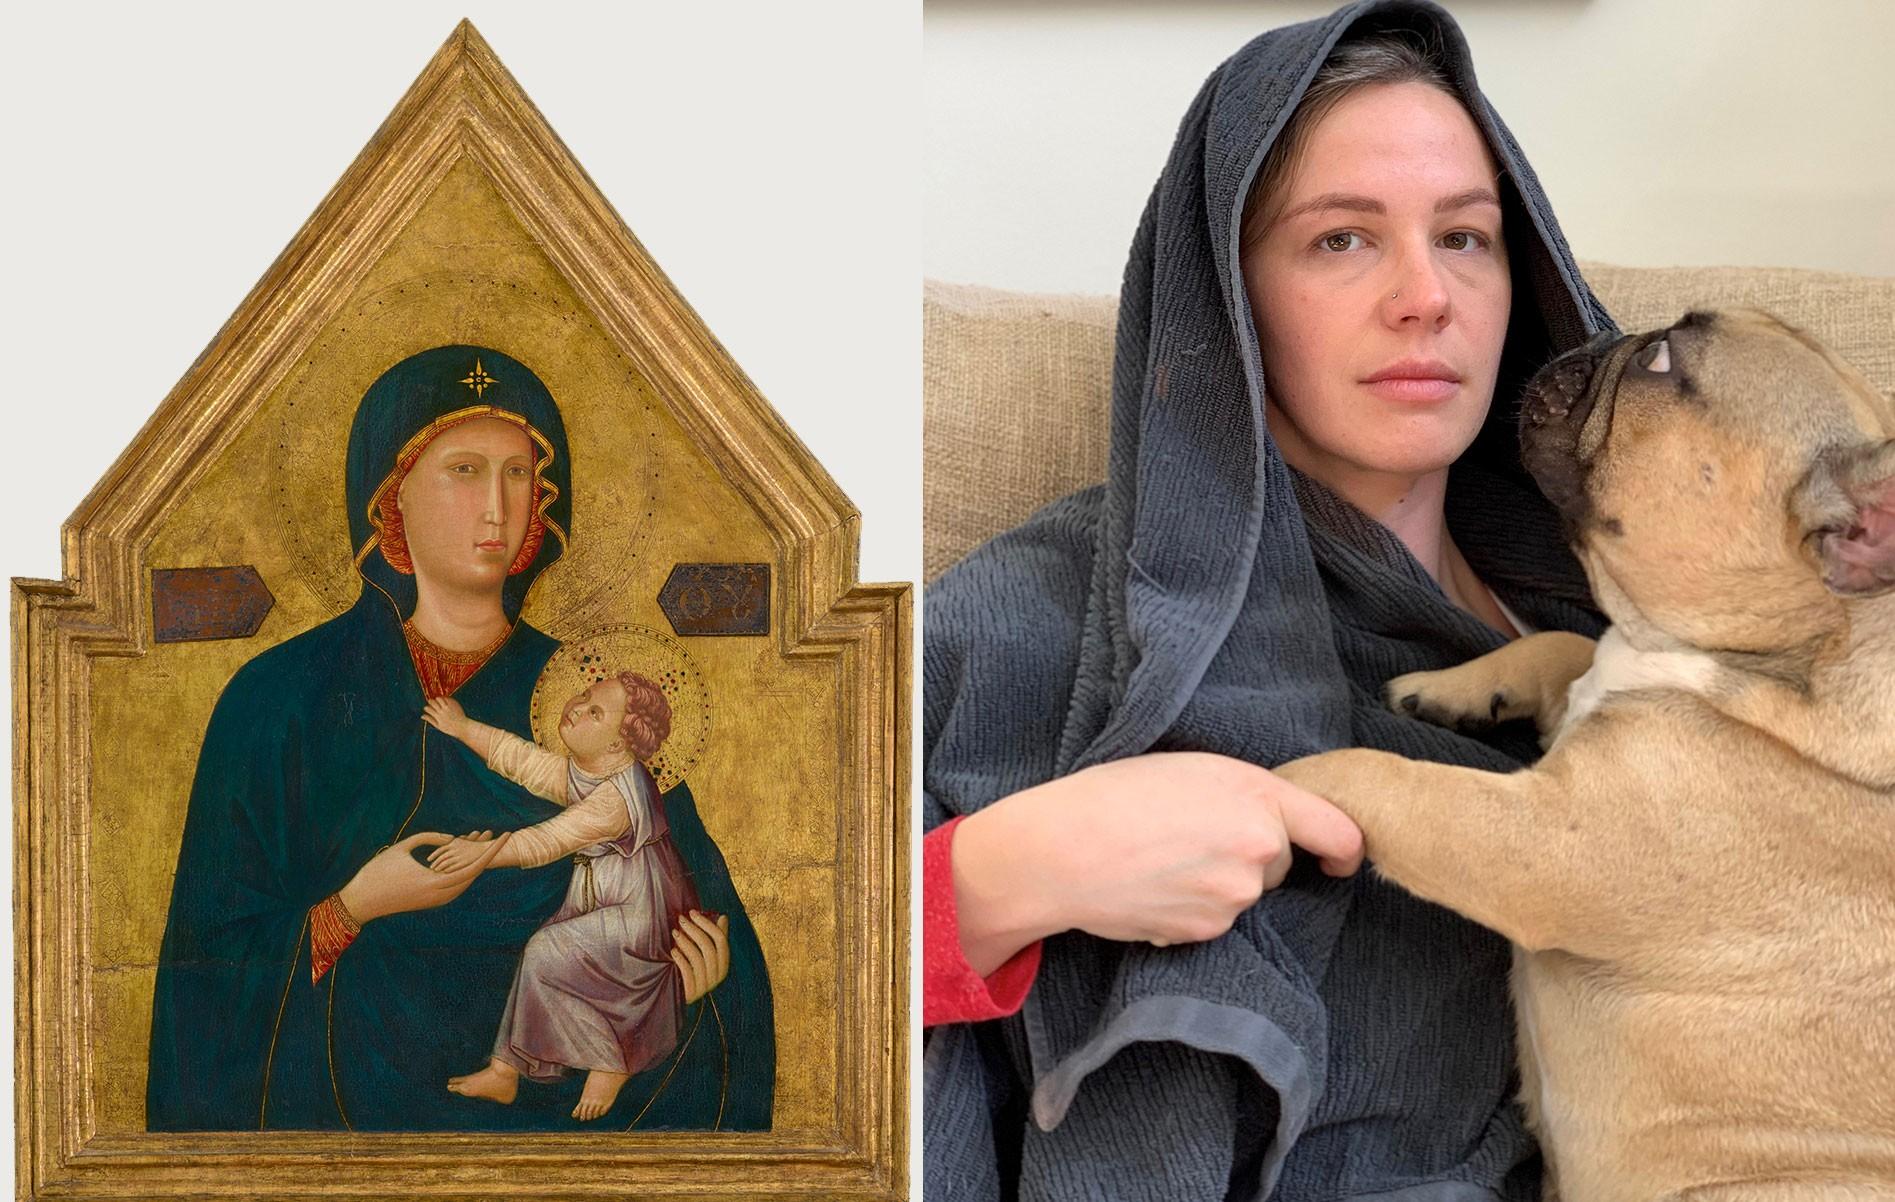 Pessoas em quarentena reencenam obras de arte famosas